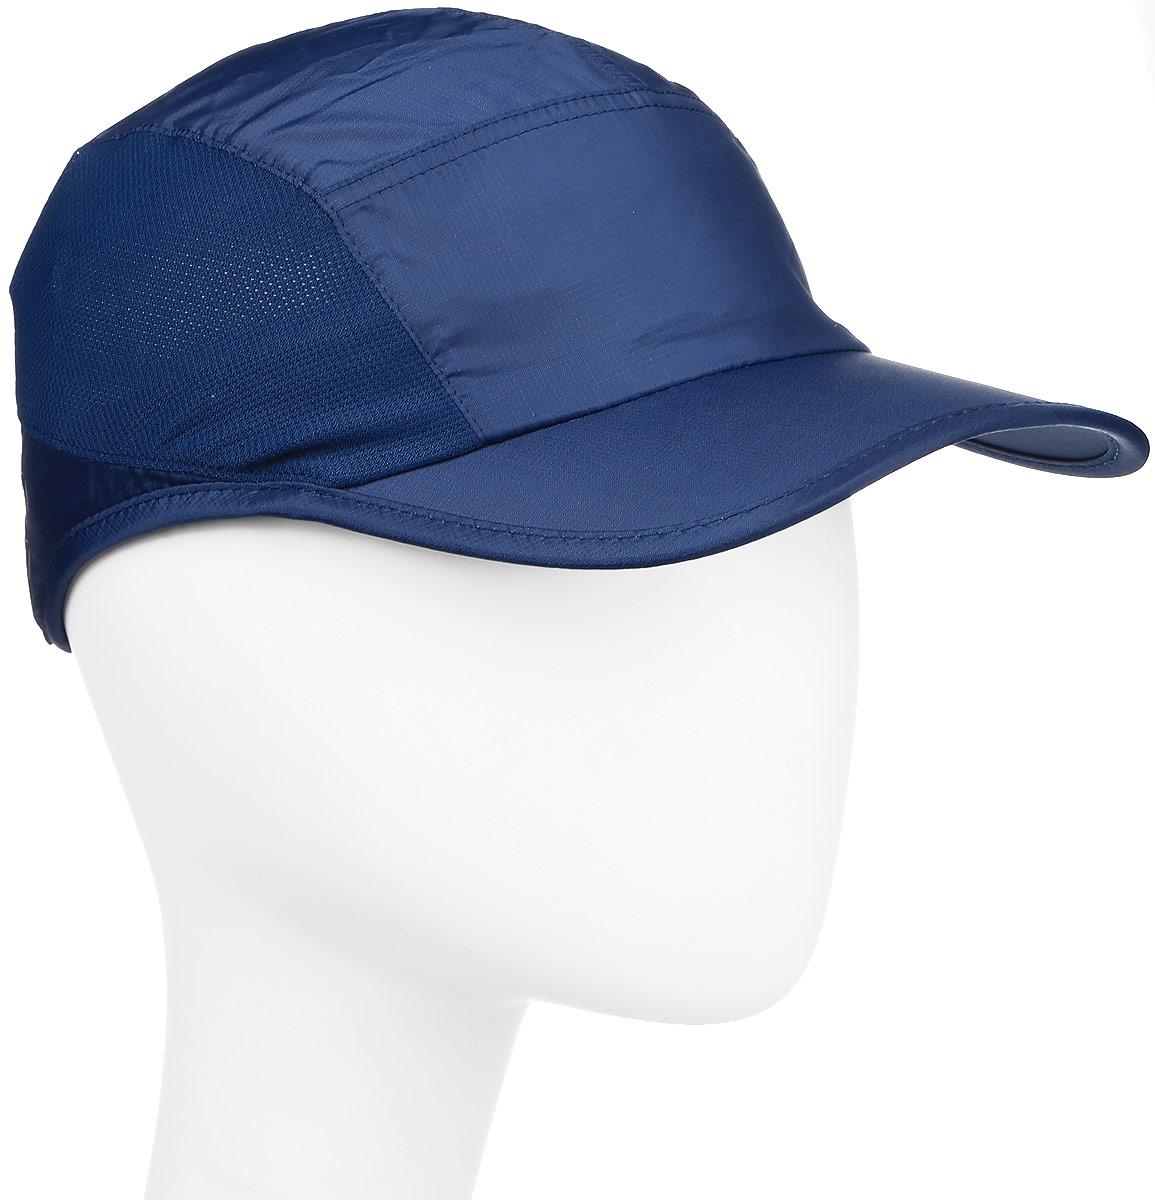 Бейсболка132059-0823Стильная женская бейсболка Asics Performance Cap выполнена из полиэстера. Такая модель отлично защитит ваши глаза от солнца. Сетчатые вставки и дышащий материал предохраняют голову от перегрева. Бейсболка оформлена фирменным логотипом Asics из светоотражающего материала. Сзади изделие регулируется при помощи карабина. Такая бейсболка станет отличным аксессуаром для занятий спортом и активного отдыха.